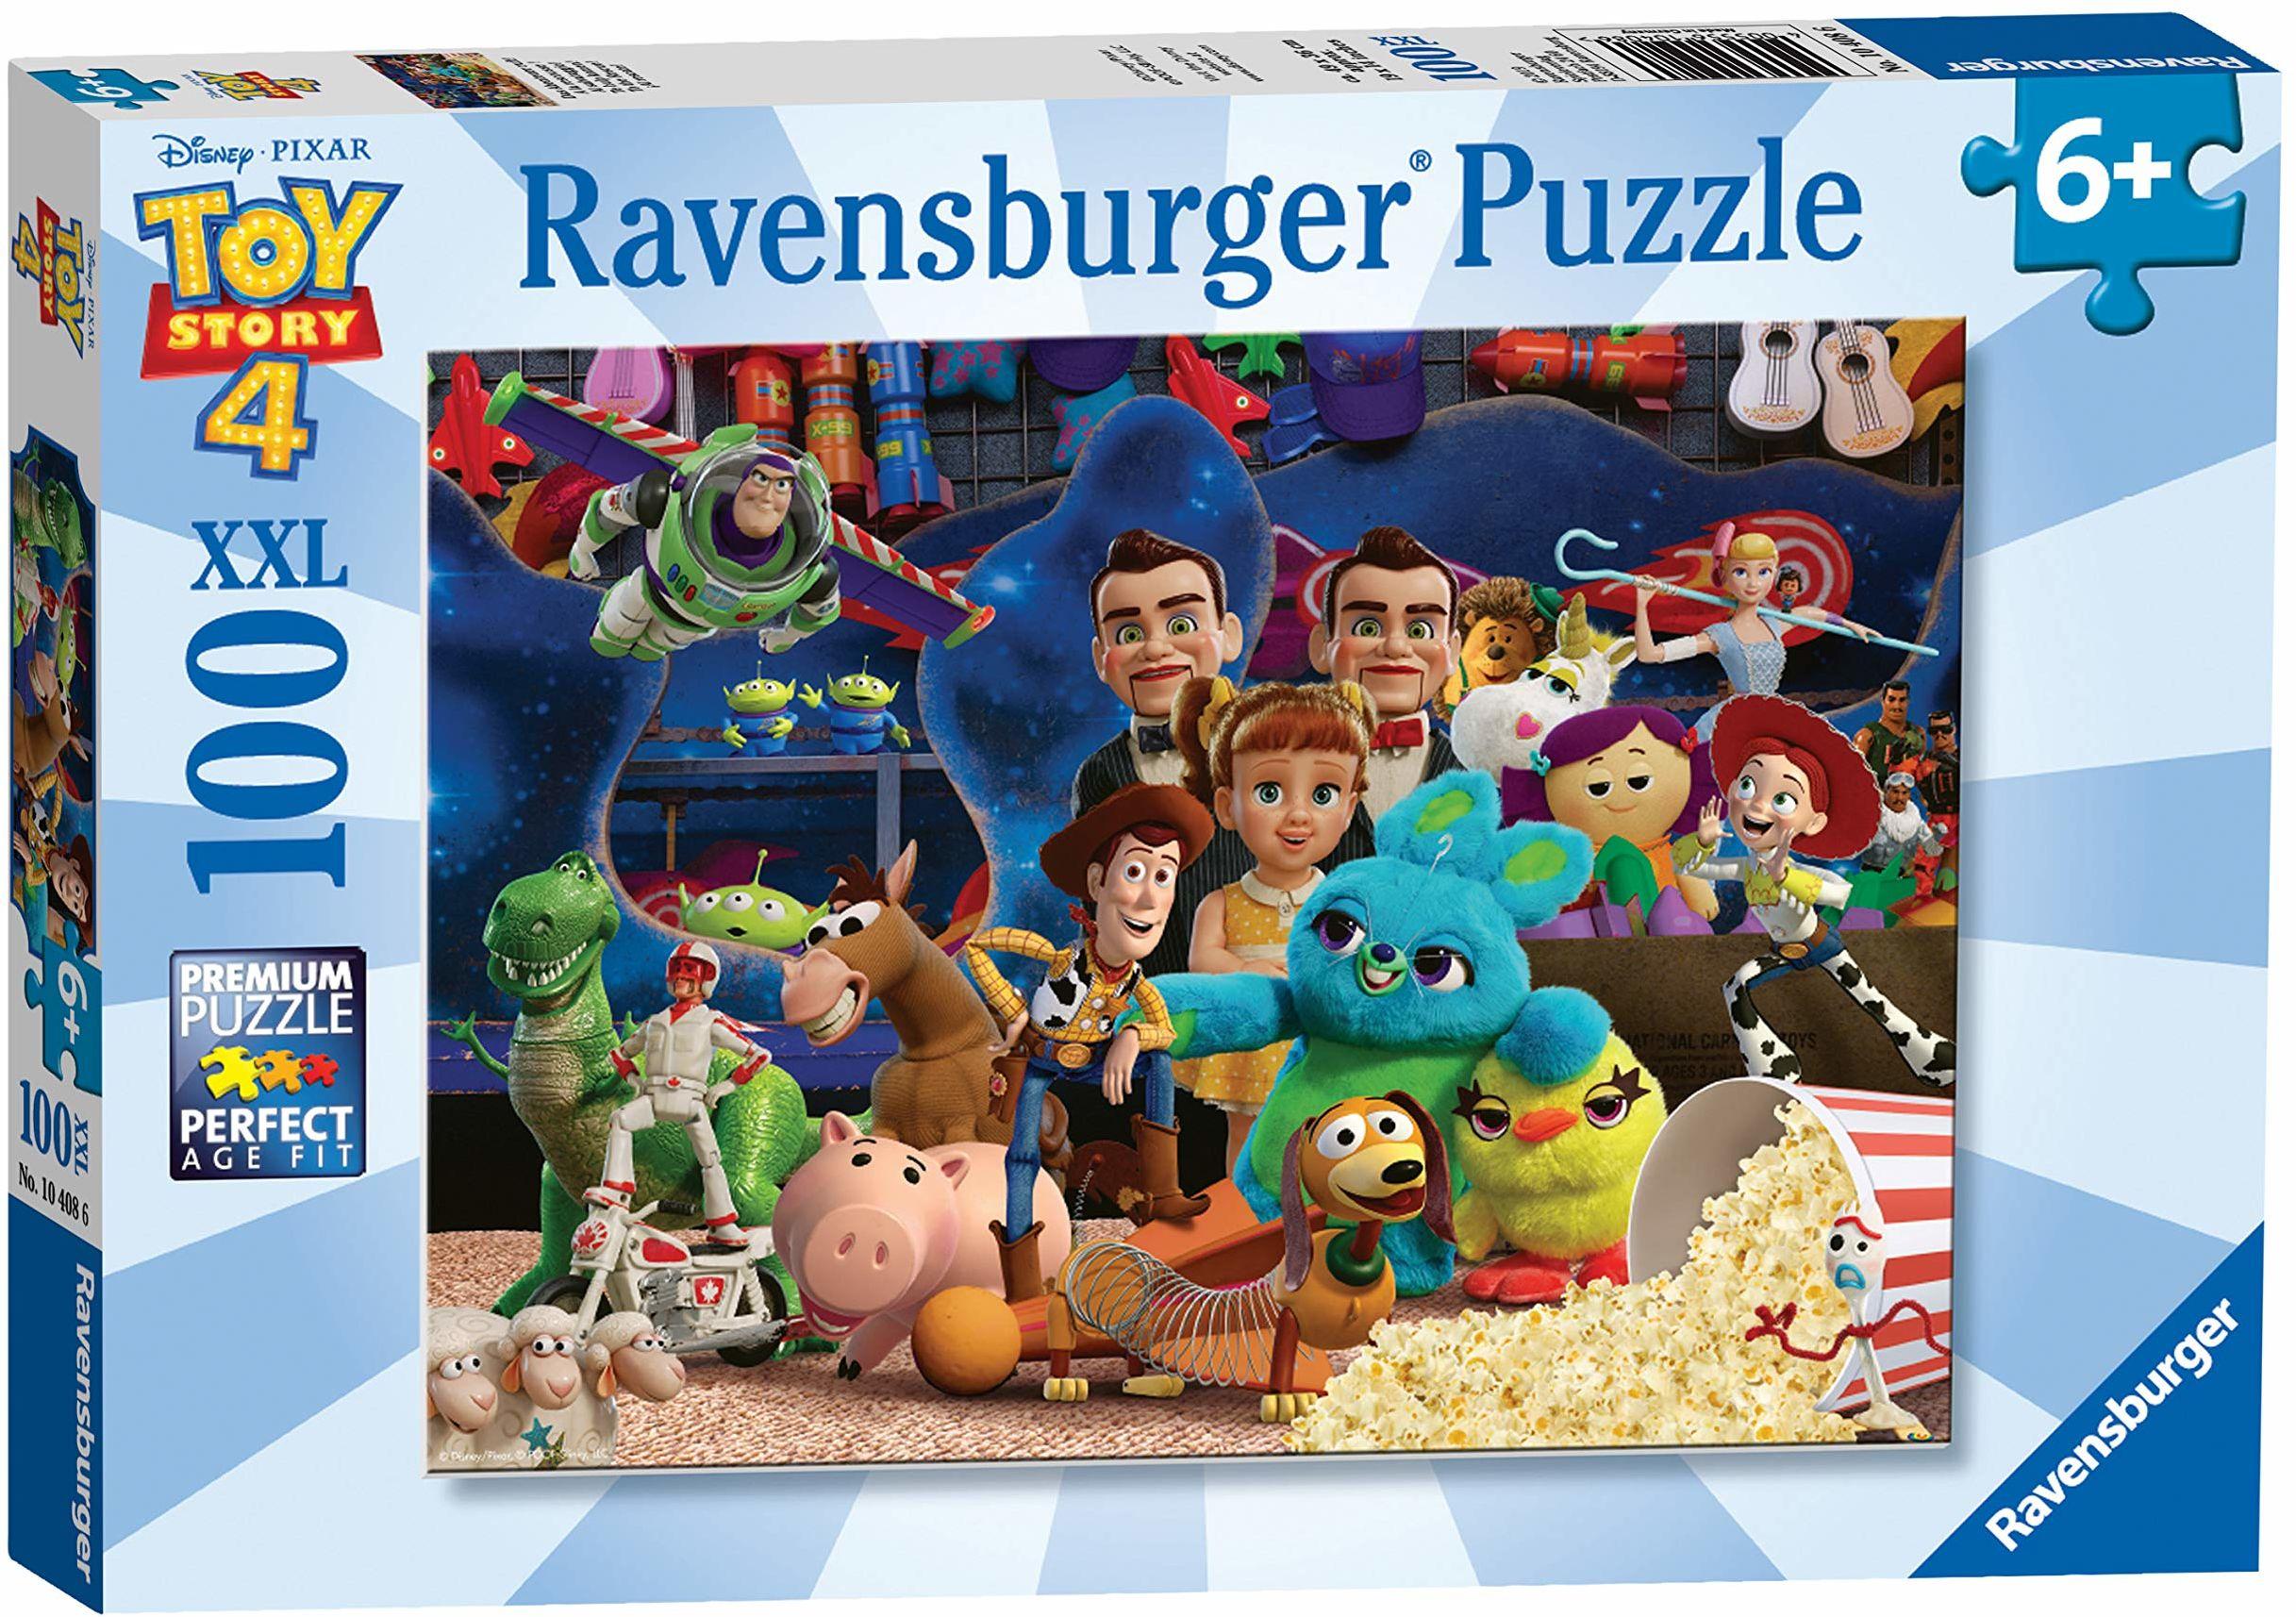 Ravensburger Disney Toy Story 4, 100 sztuk puzzle z bardzo dużymi elementami dla dzieci w wieku od 6 lat